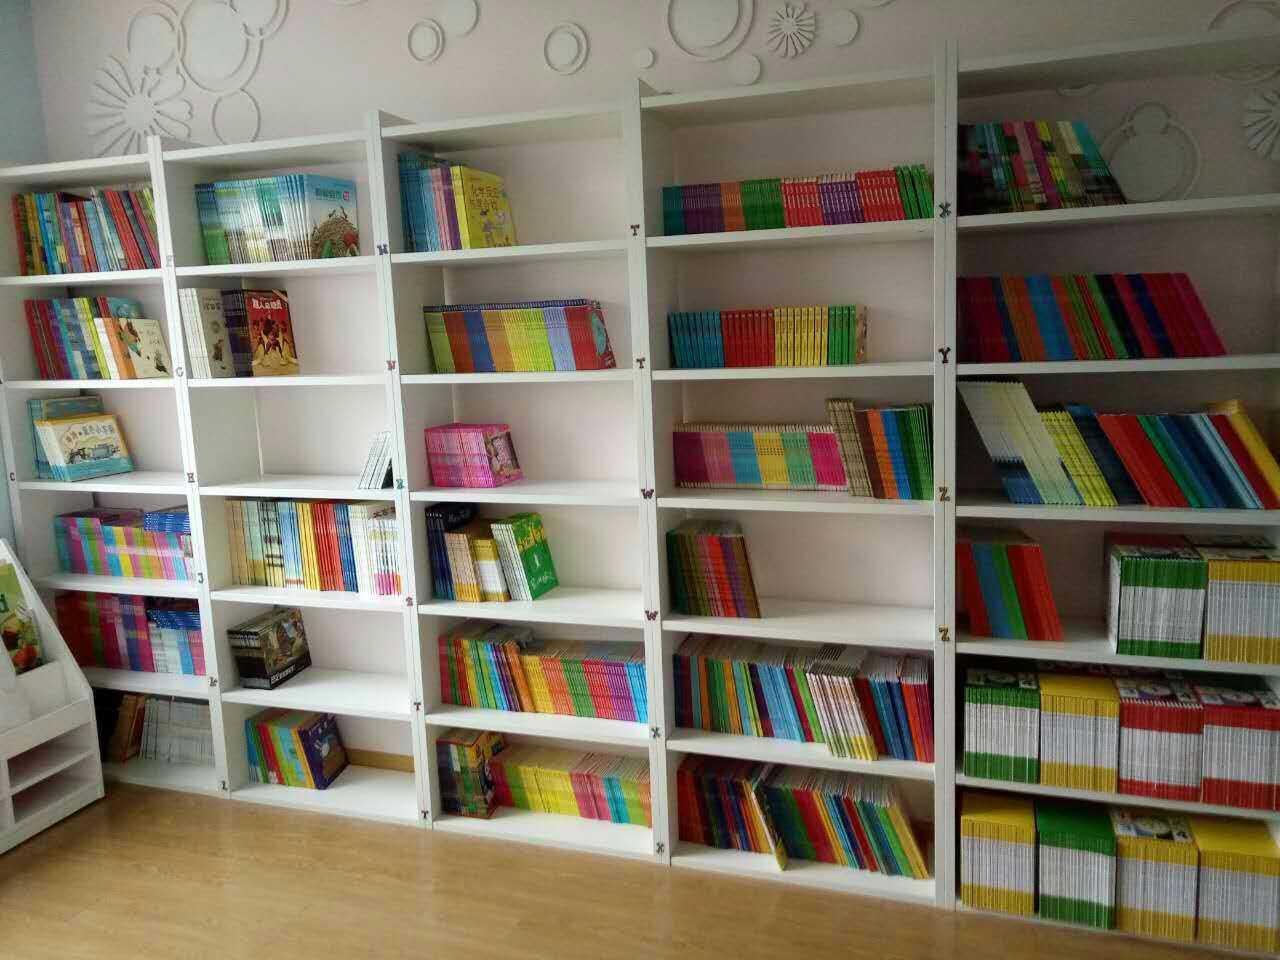 学校图书馆书架 早教中心展示柜 sj16042601